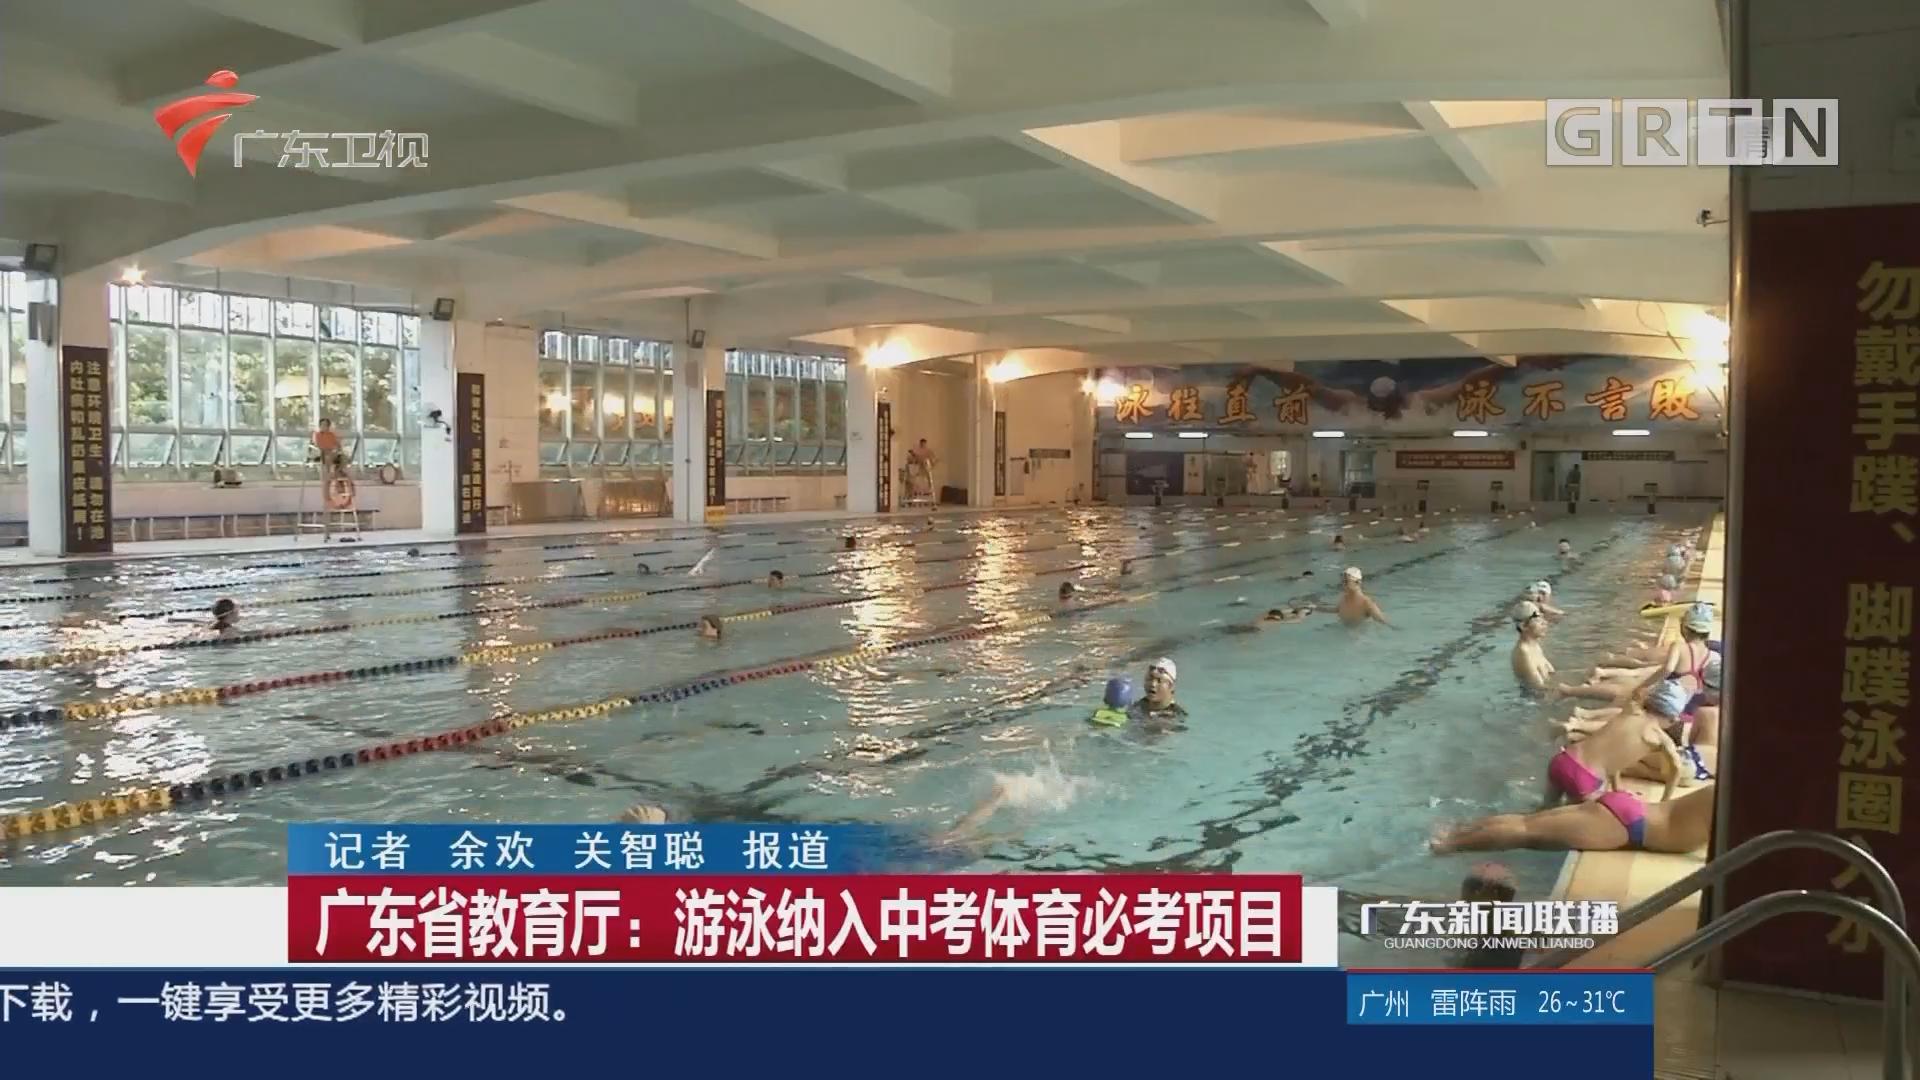 广东省教育厅:游泳纳入中考体育必考项目